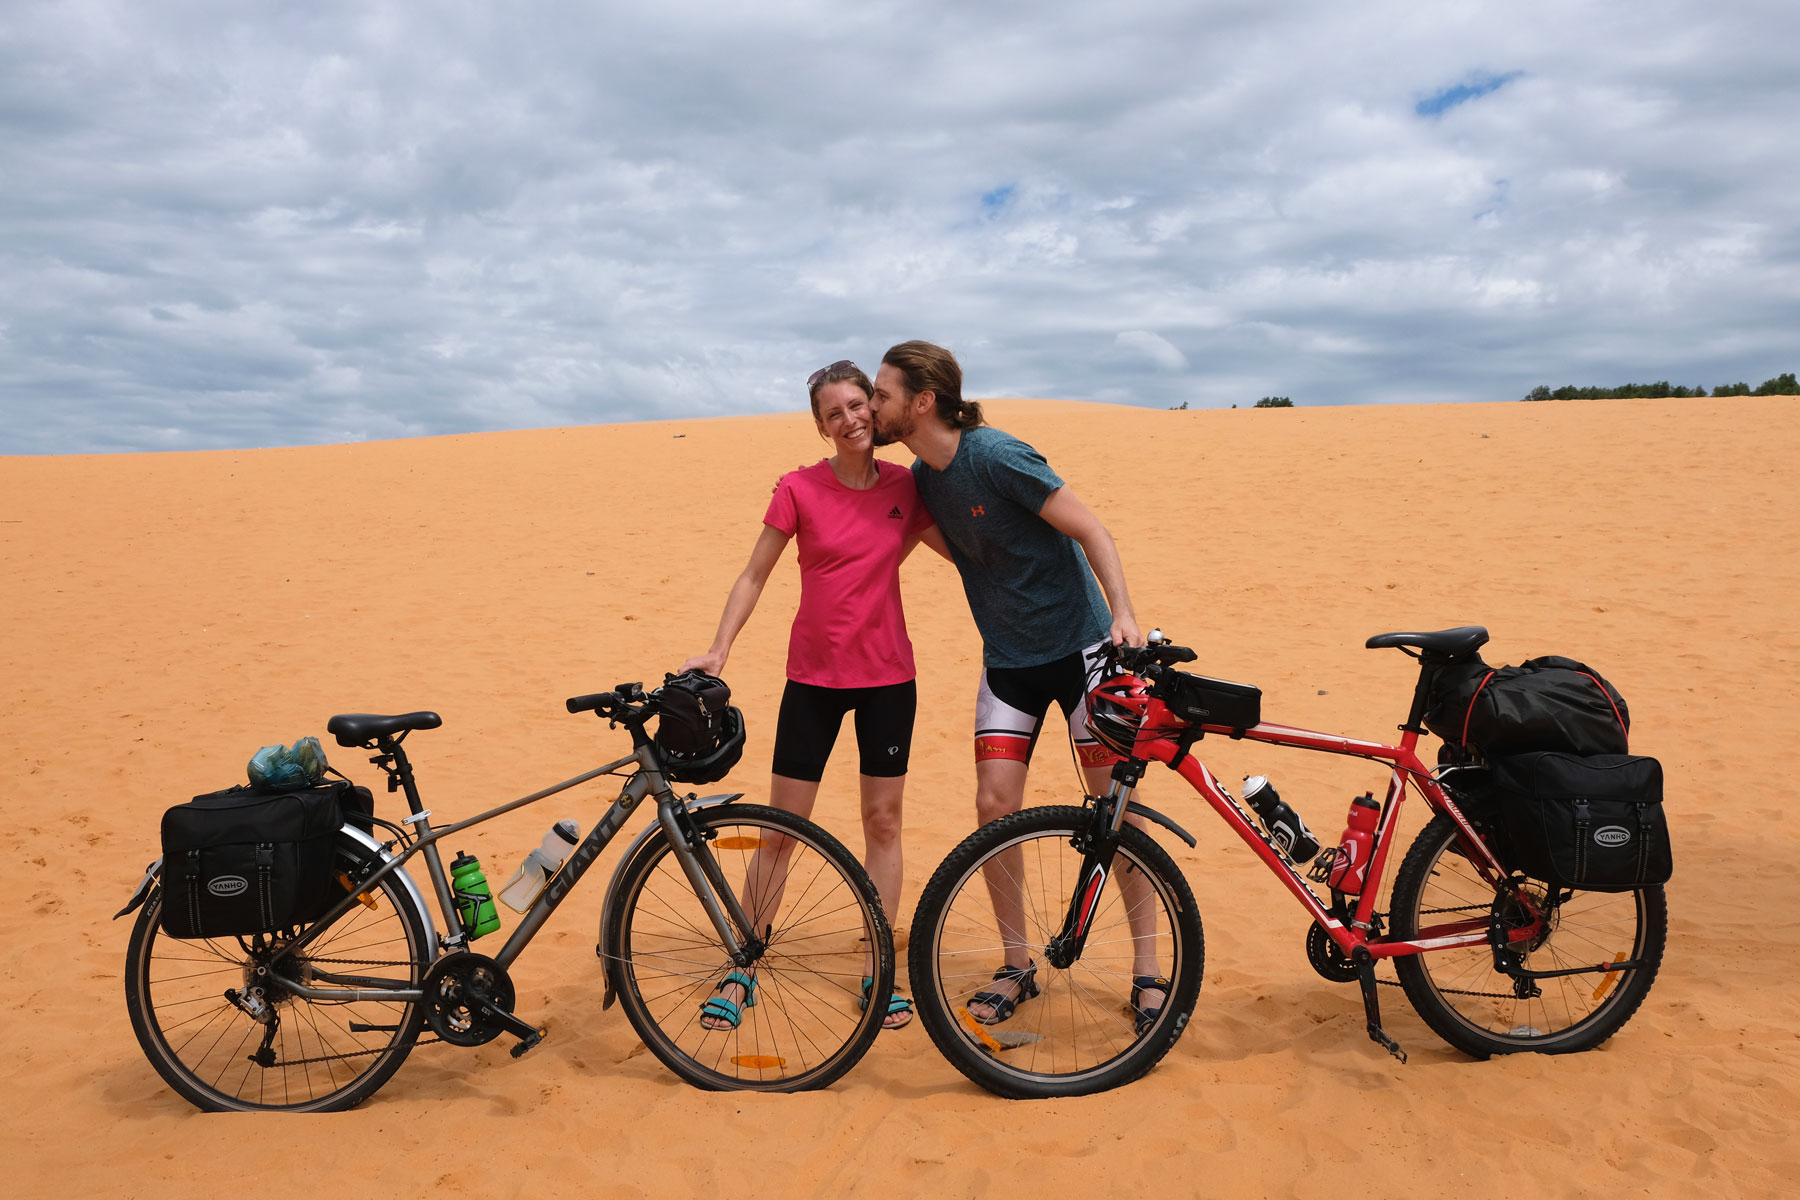 Sebastian küsst Leo auf die Wange, während sie beide mit ihren Fahrrädern auf der roten Sanddüne von Mui Ne stehen.